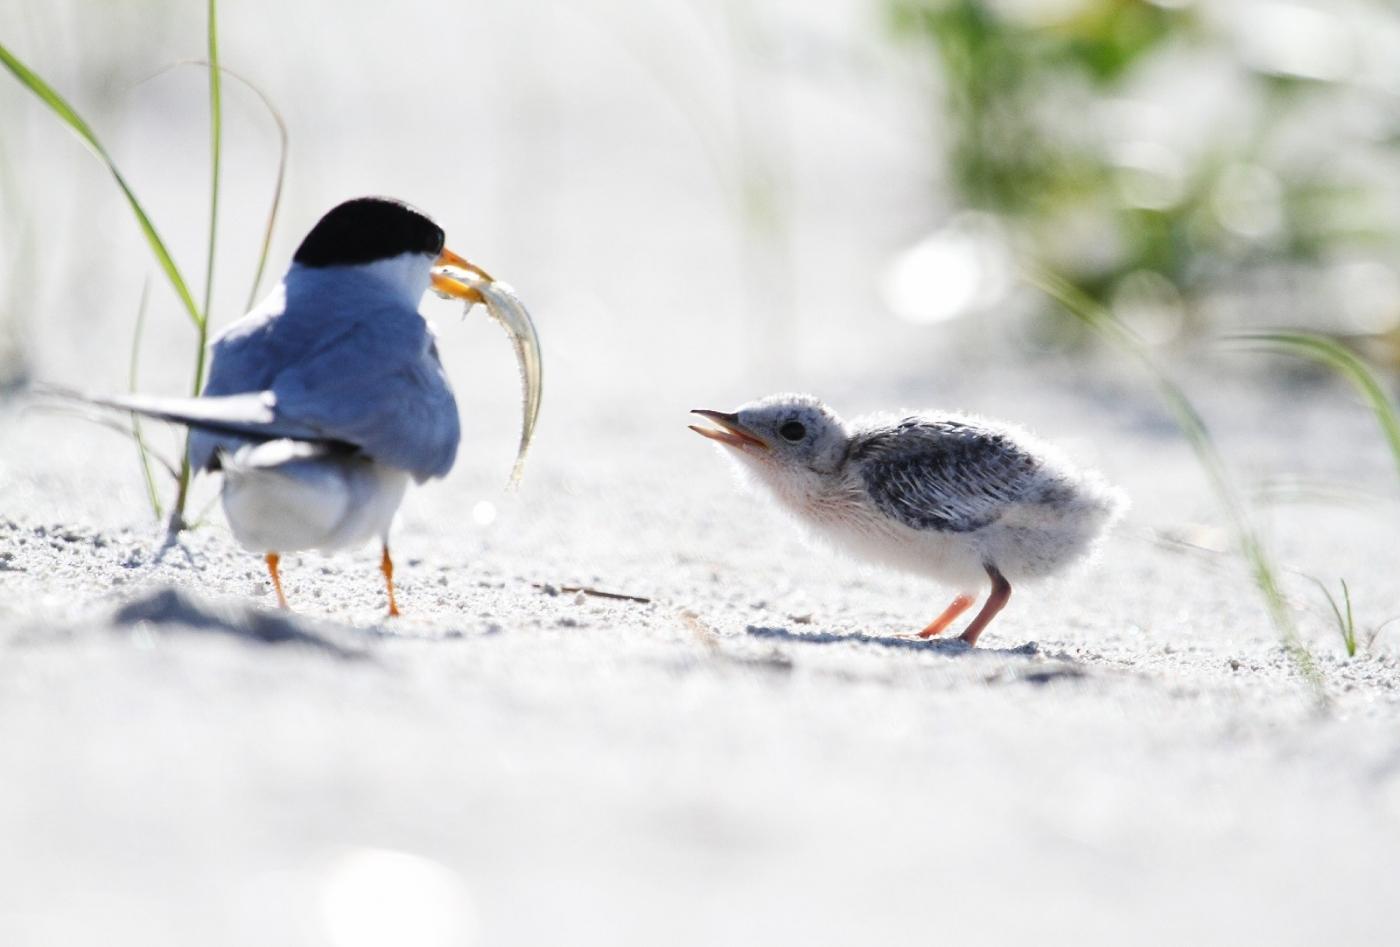 【田螺摄影】黄嘴燕鸥整个出生成长的过程_图1-1